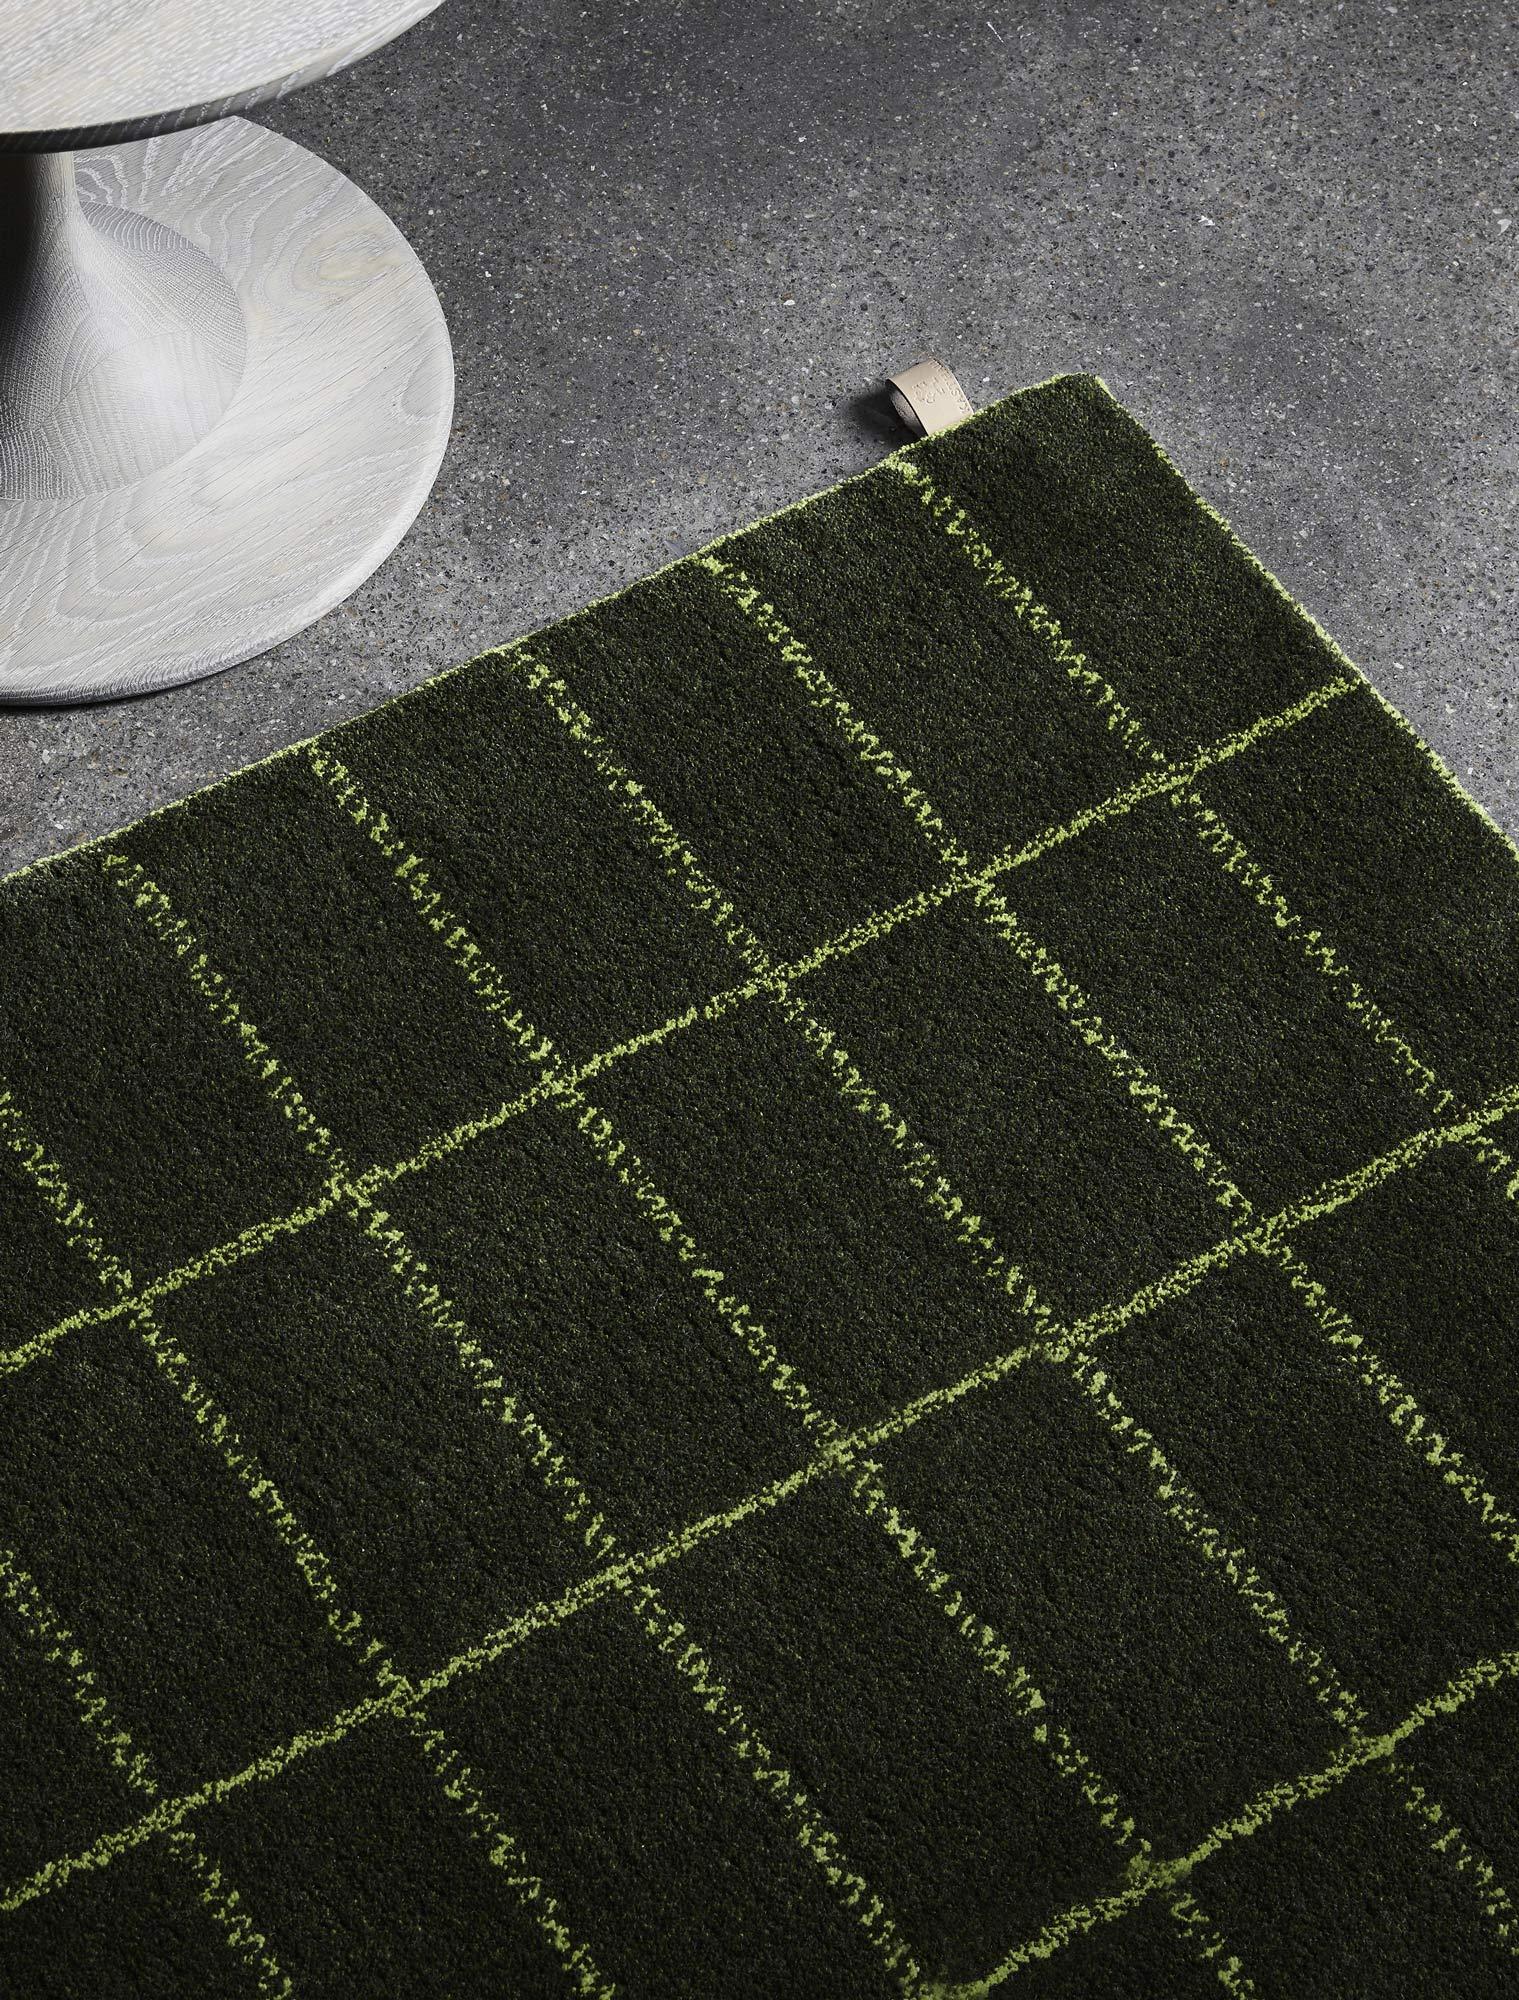 Teppichkollektion von Claesson Koivisto Rune für Kasthall